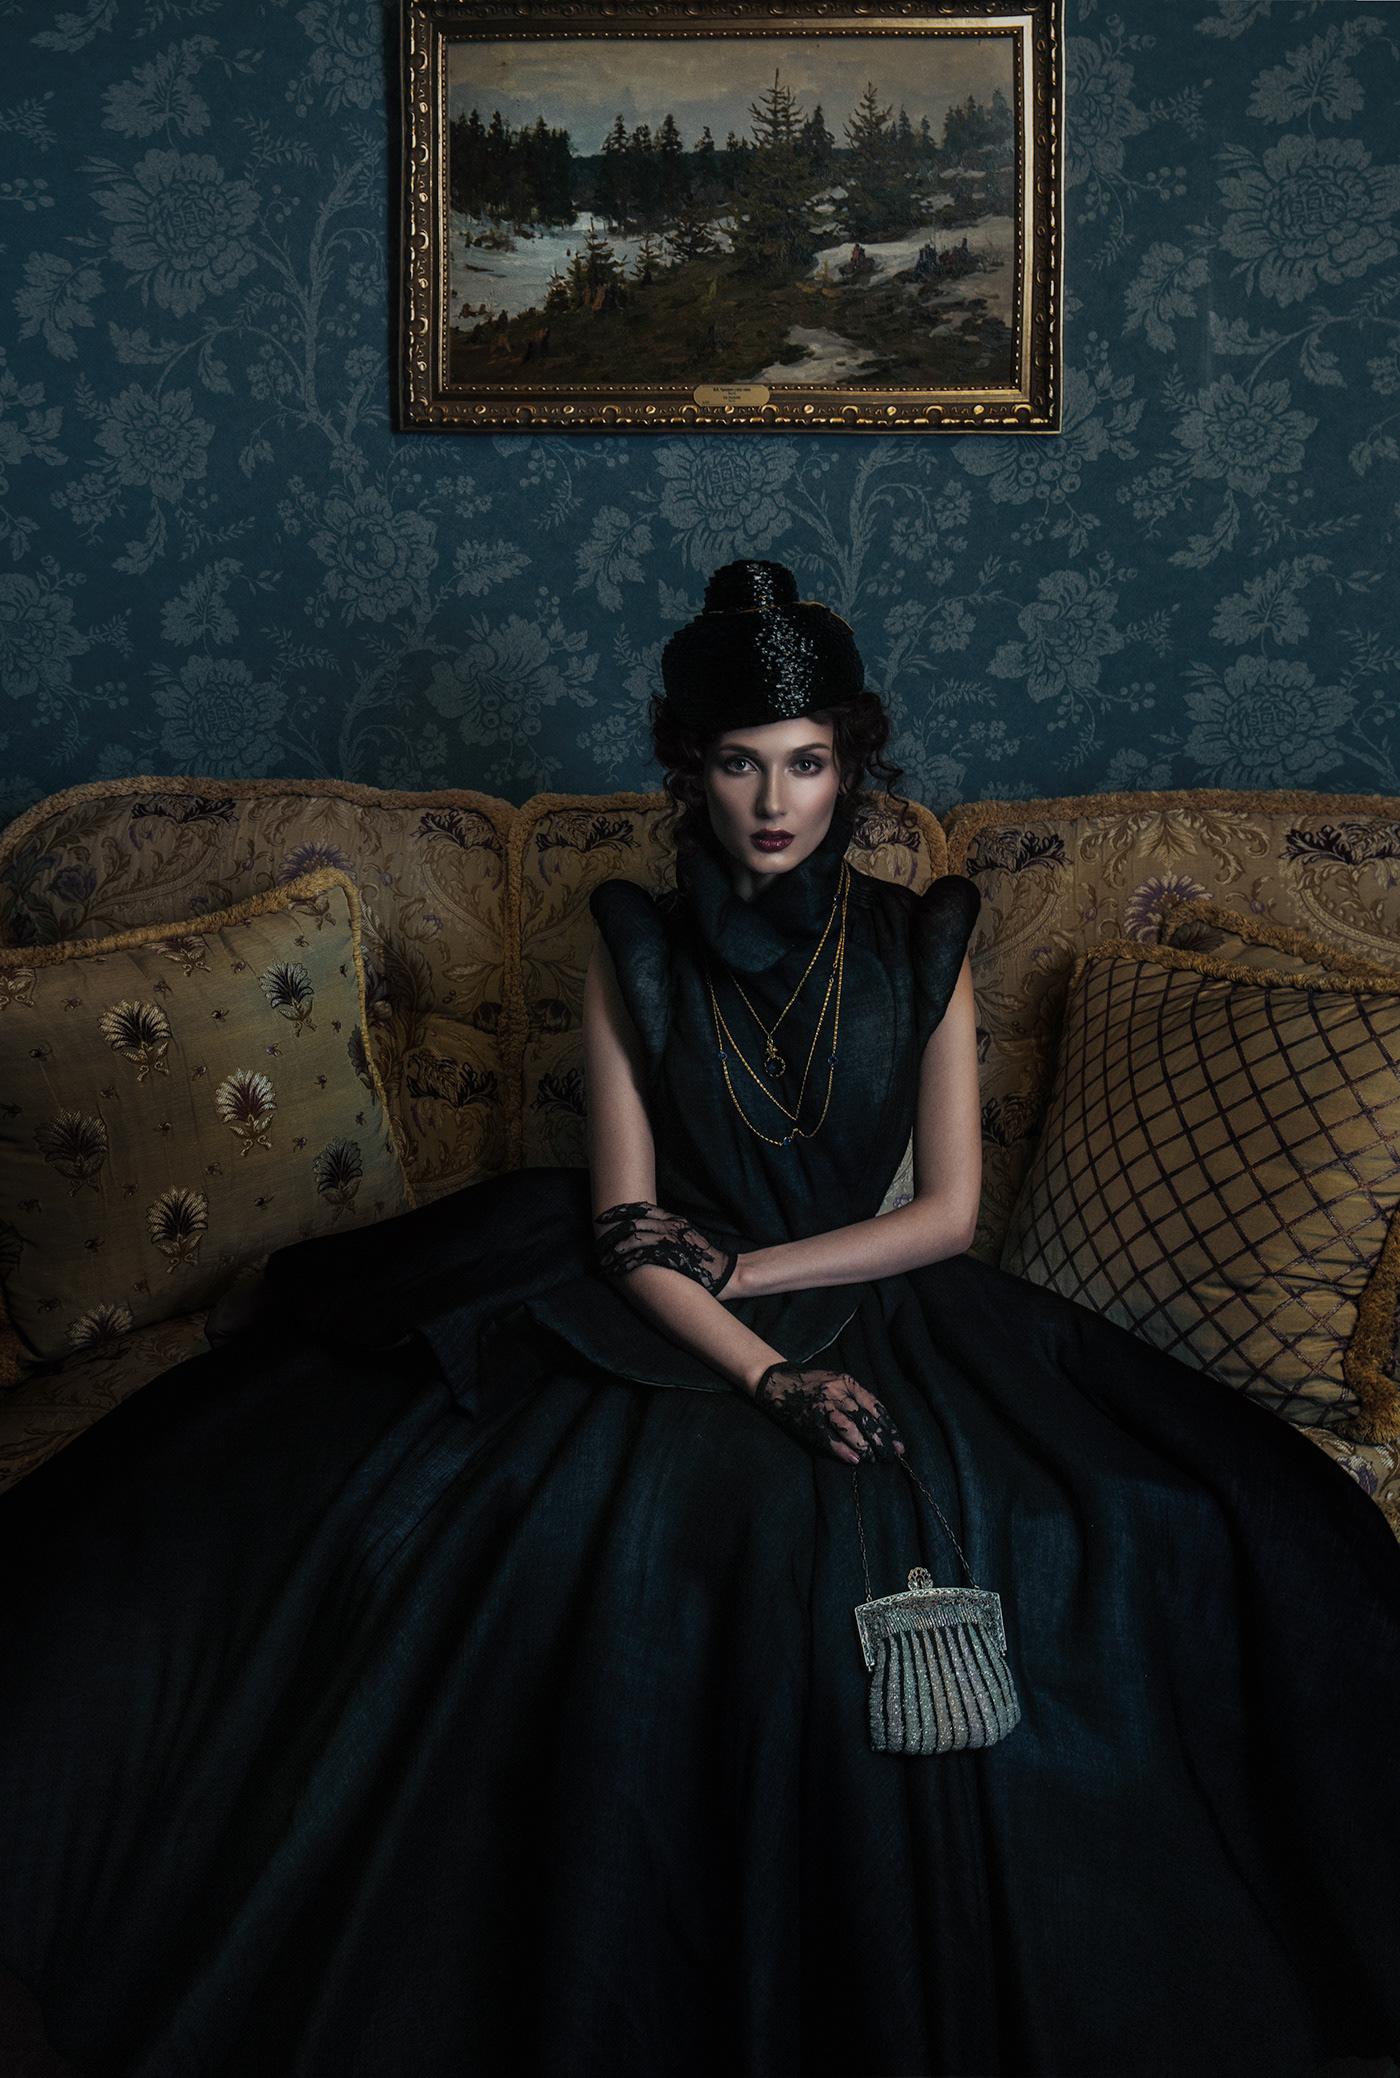 Karenina / фотограф Ekaterina Belinskaya